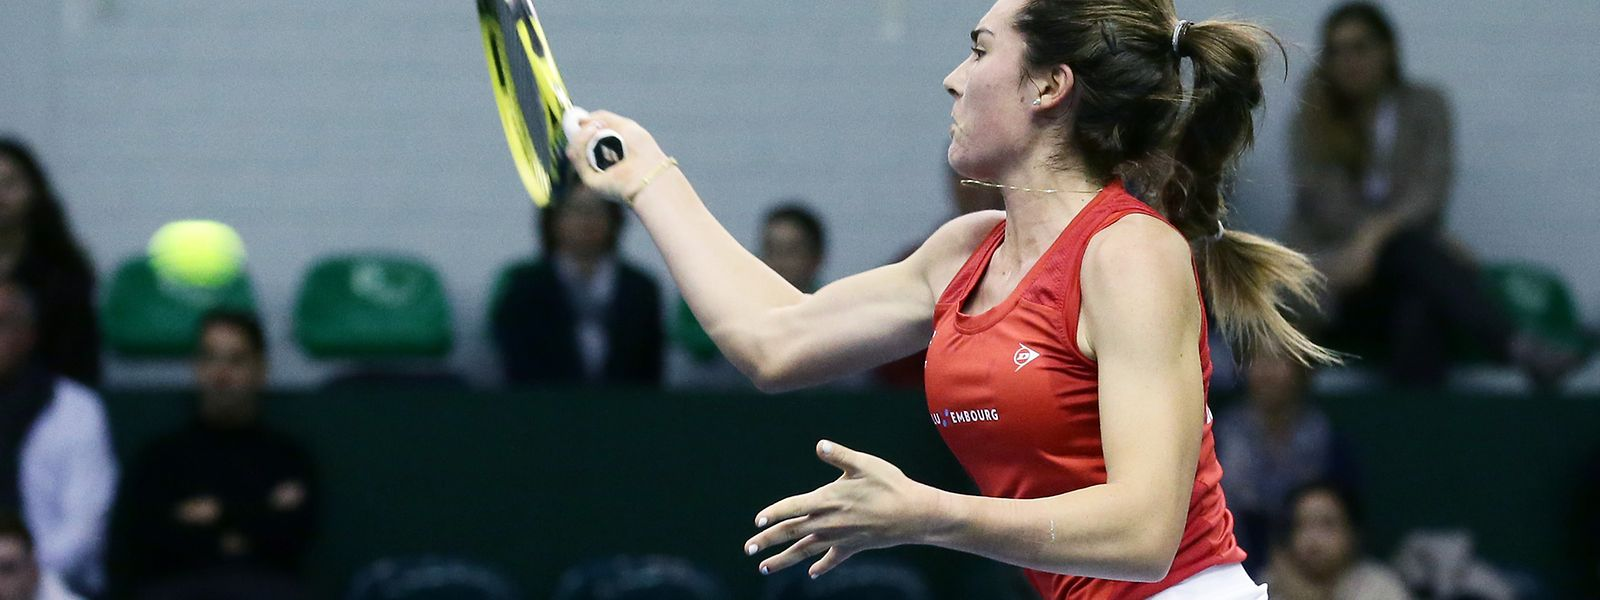 Eléonora Molinaro bringt viele Voraussetzungen mit, um es zur Profispielerin zu schaffen. Doch die WTA-Tour ist nicht mehr ihre Priorität.